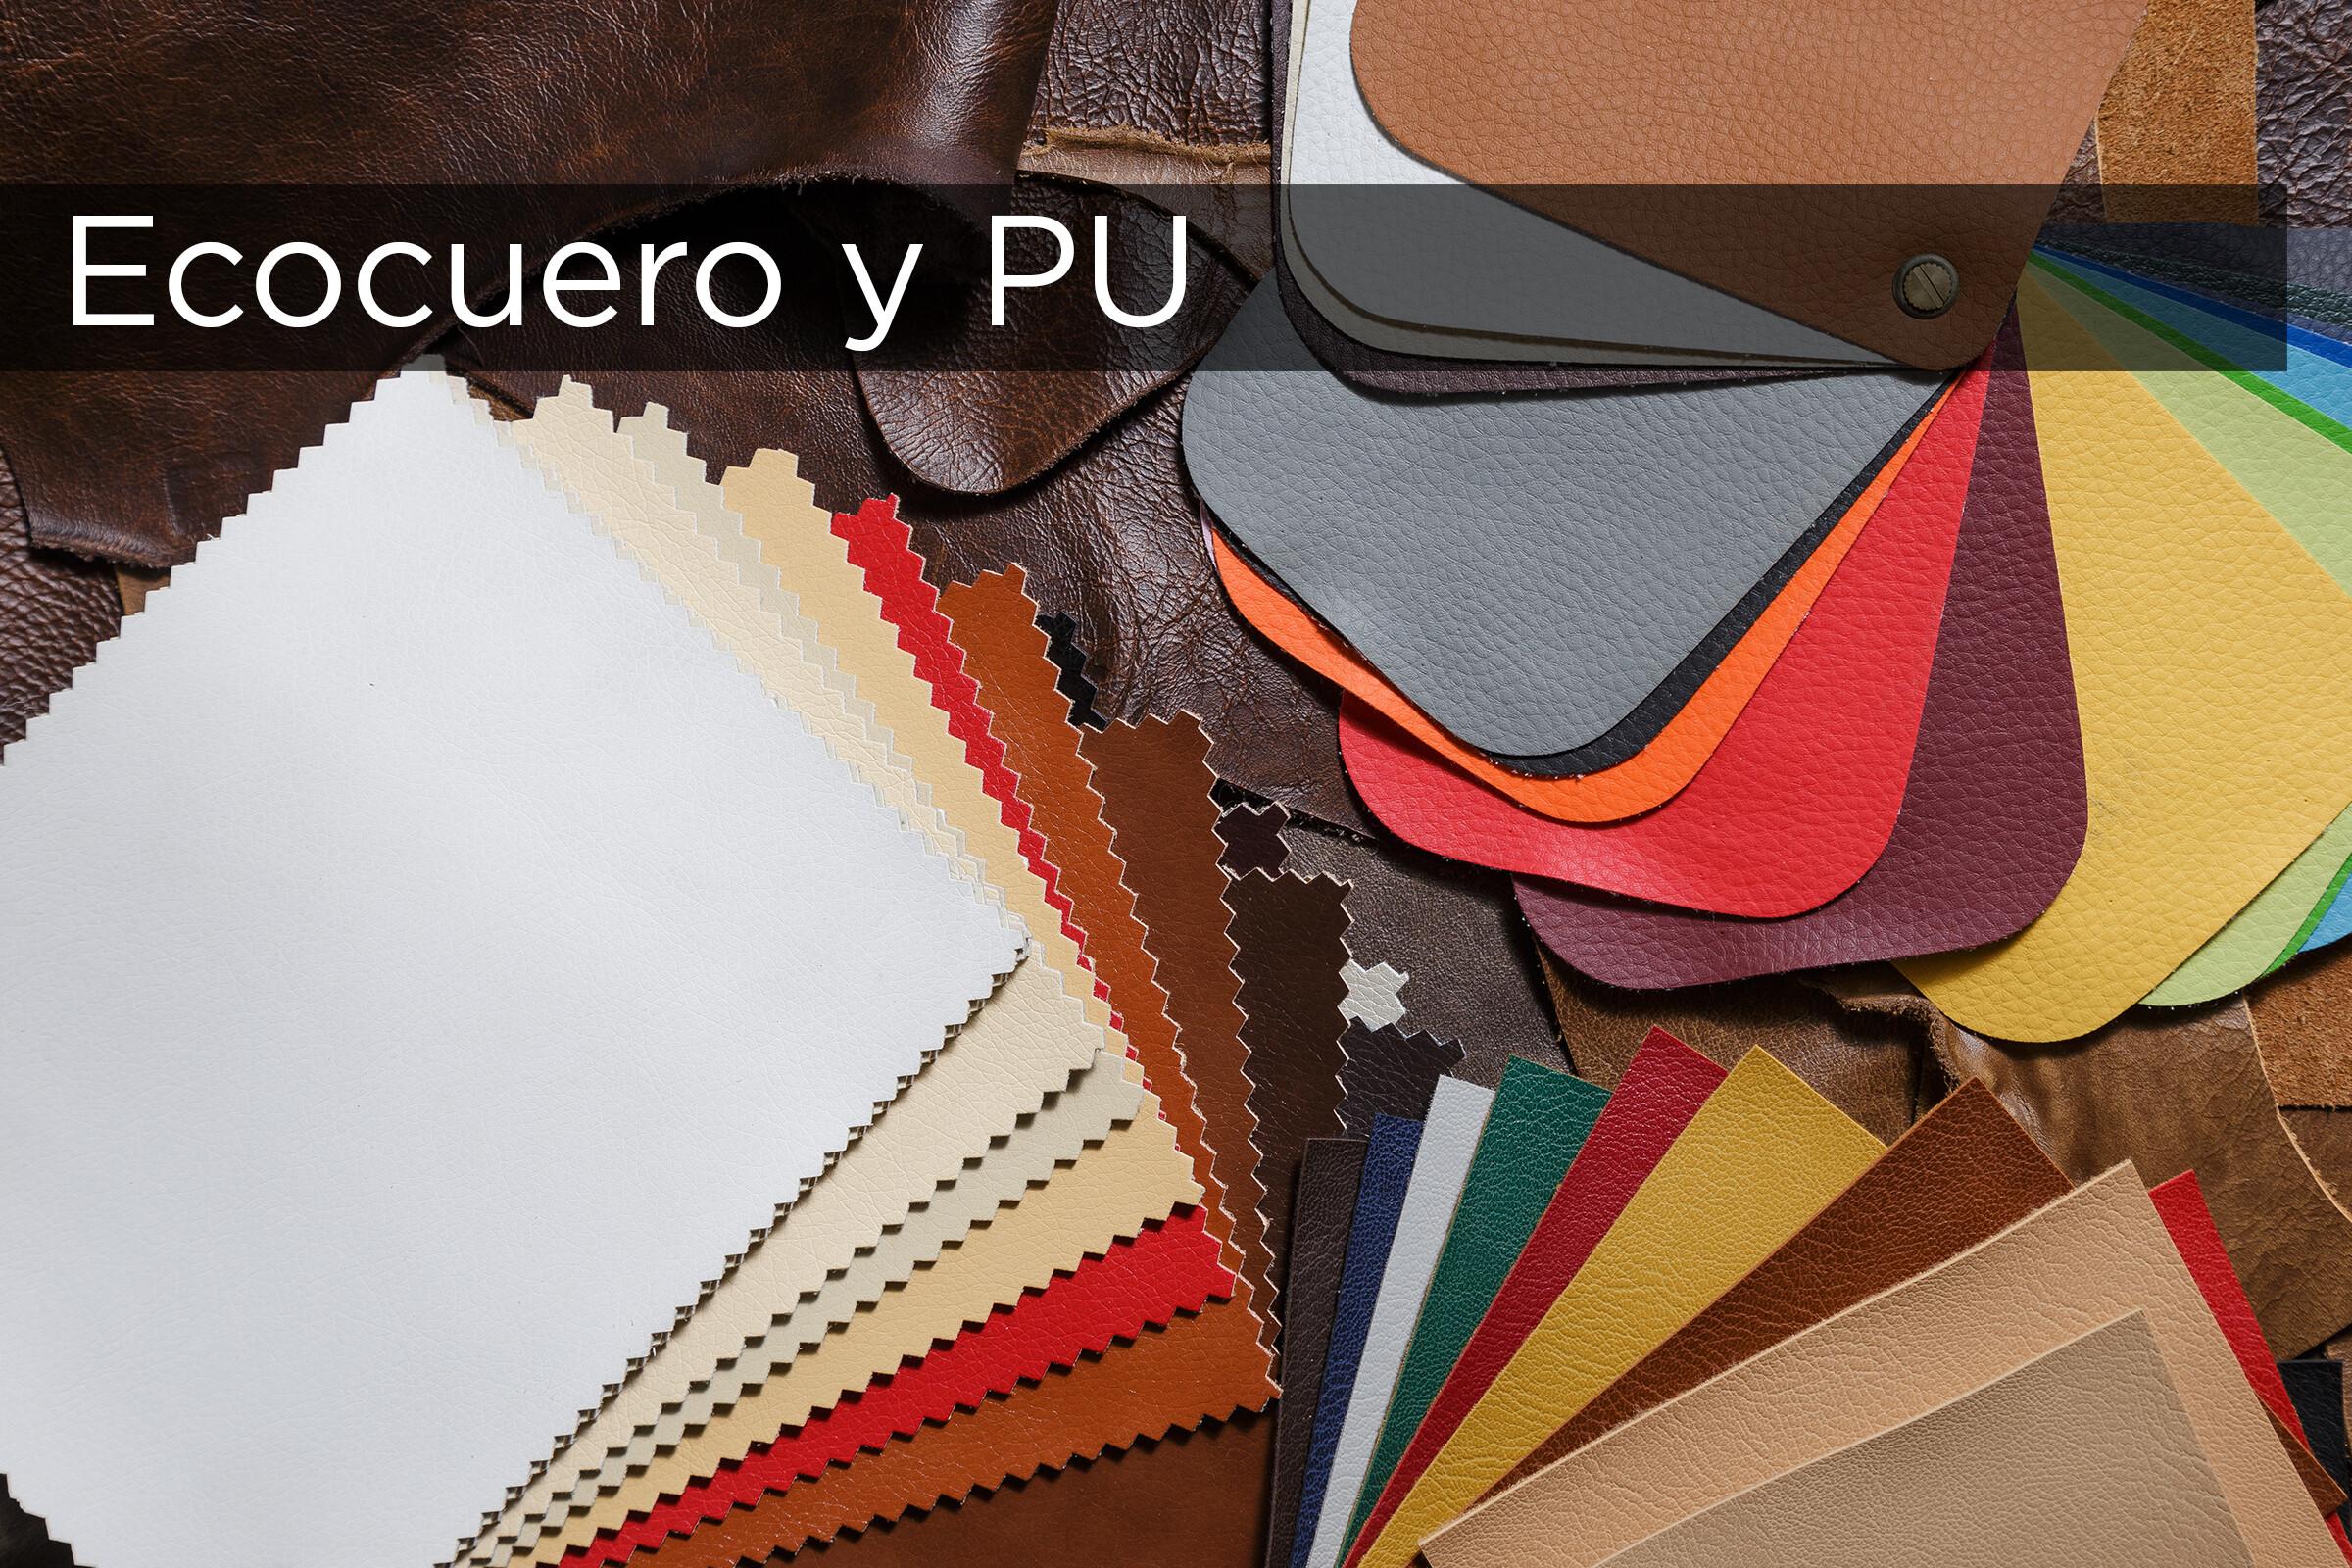 Ecocuero Y Pu